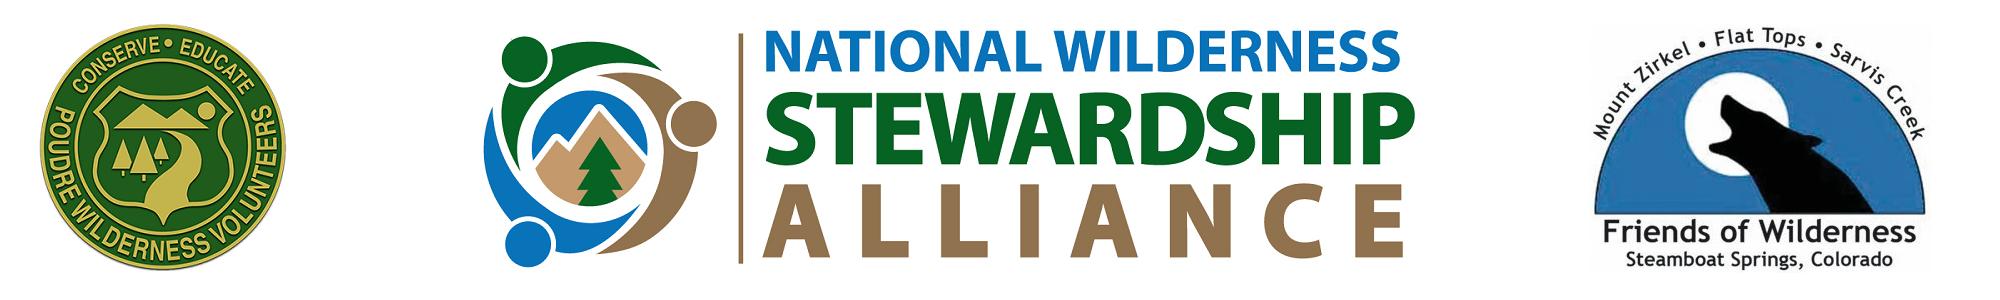 2019 Central Rockies Wilderness Volunteer Workshop